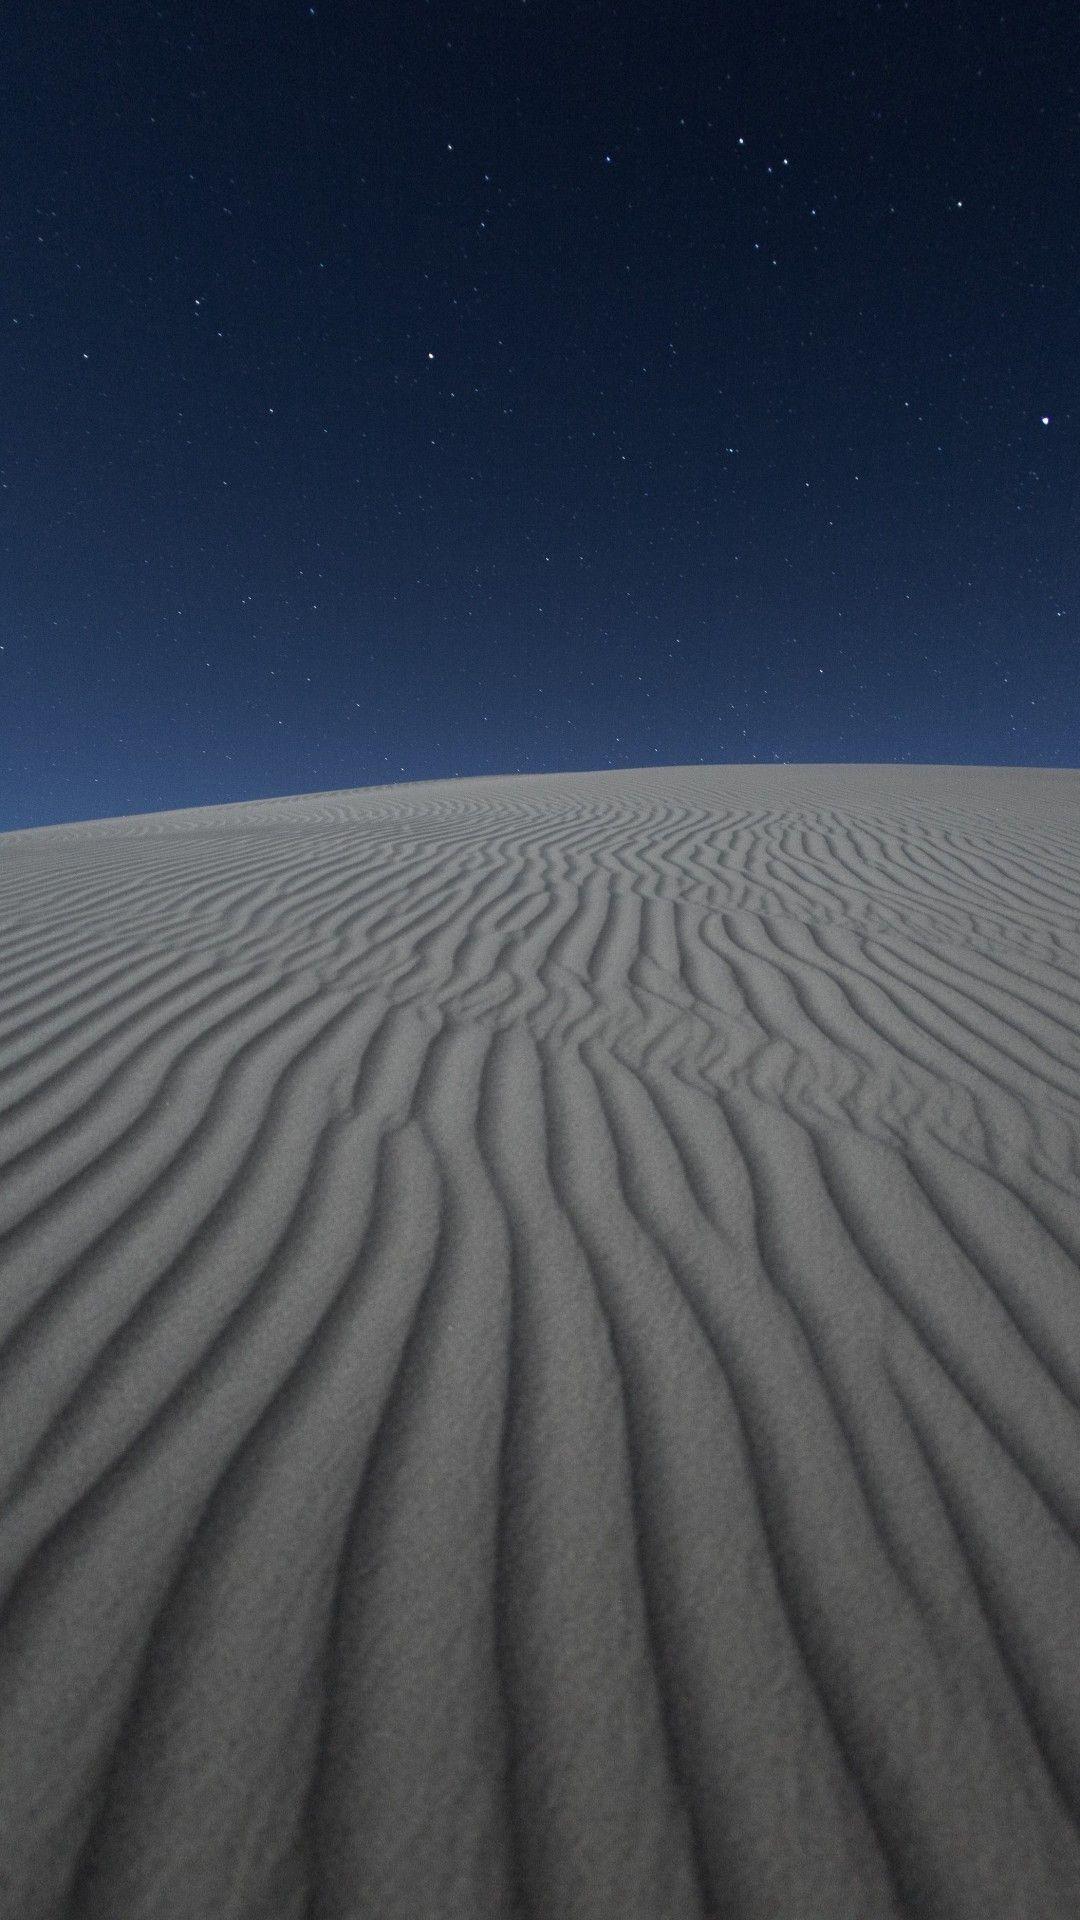 Dark Desert Night 5k Mobile Wallpaper (iPhone, Android